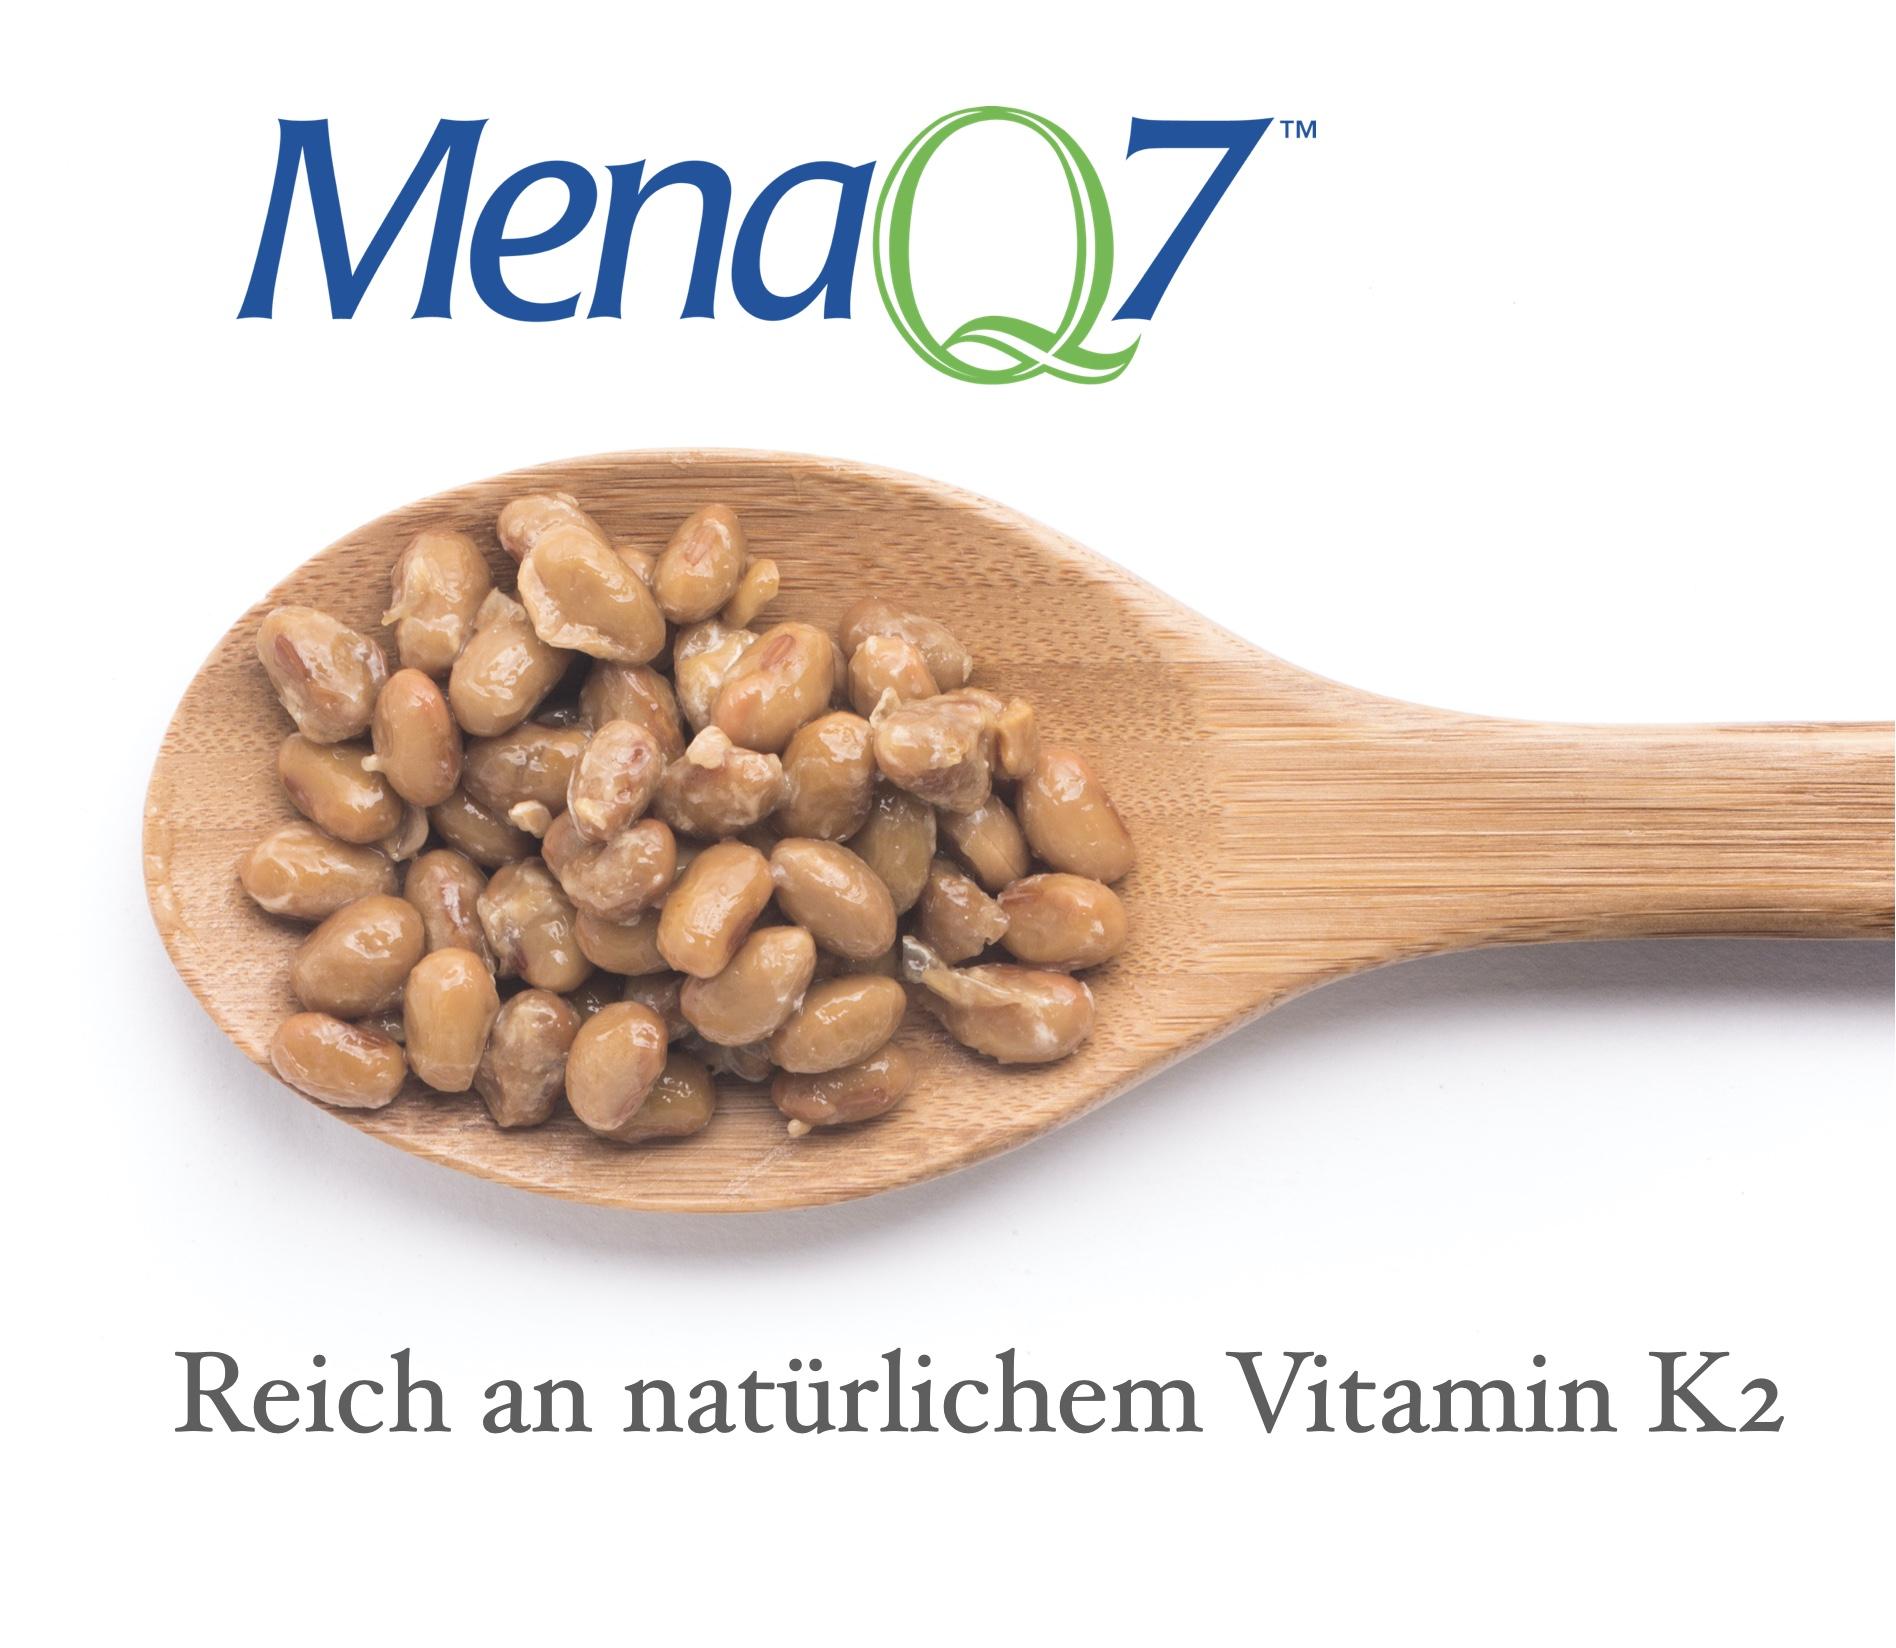 Kichererbsen-Ferment (MenaQ7®)